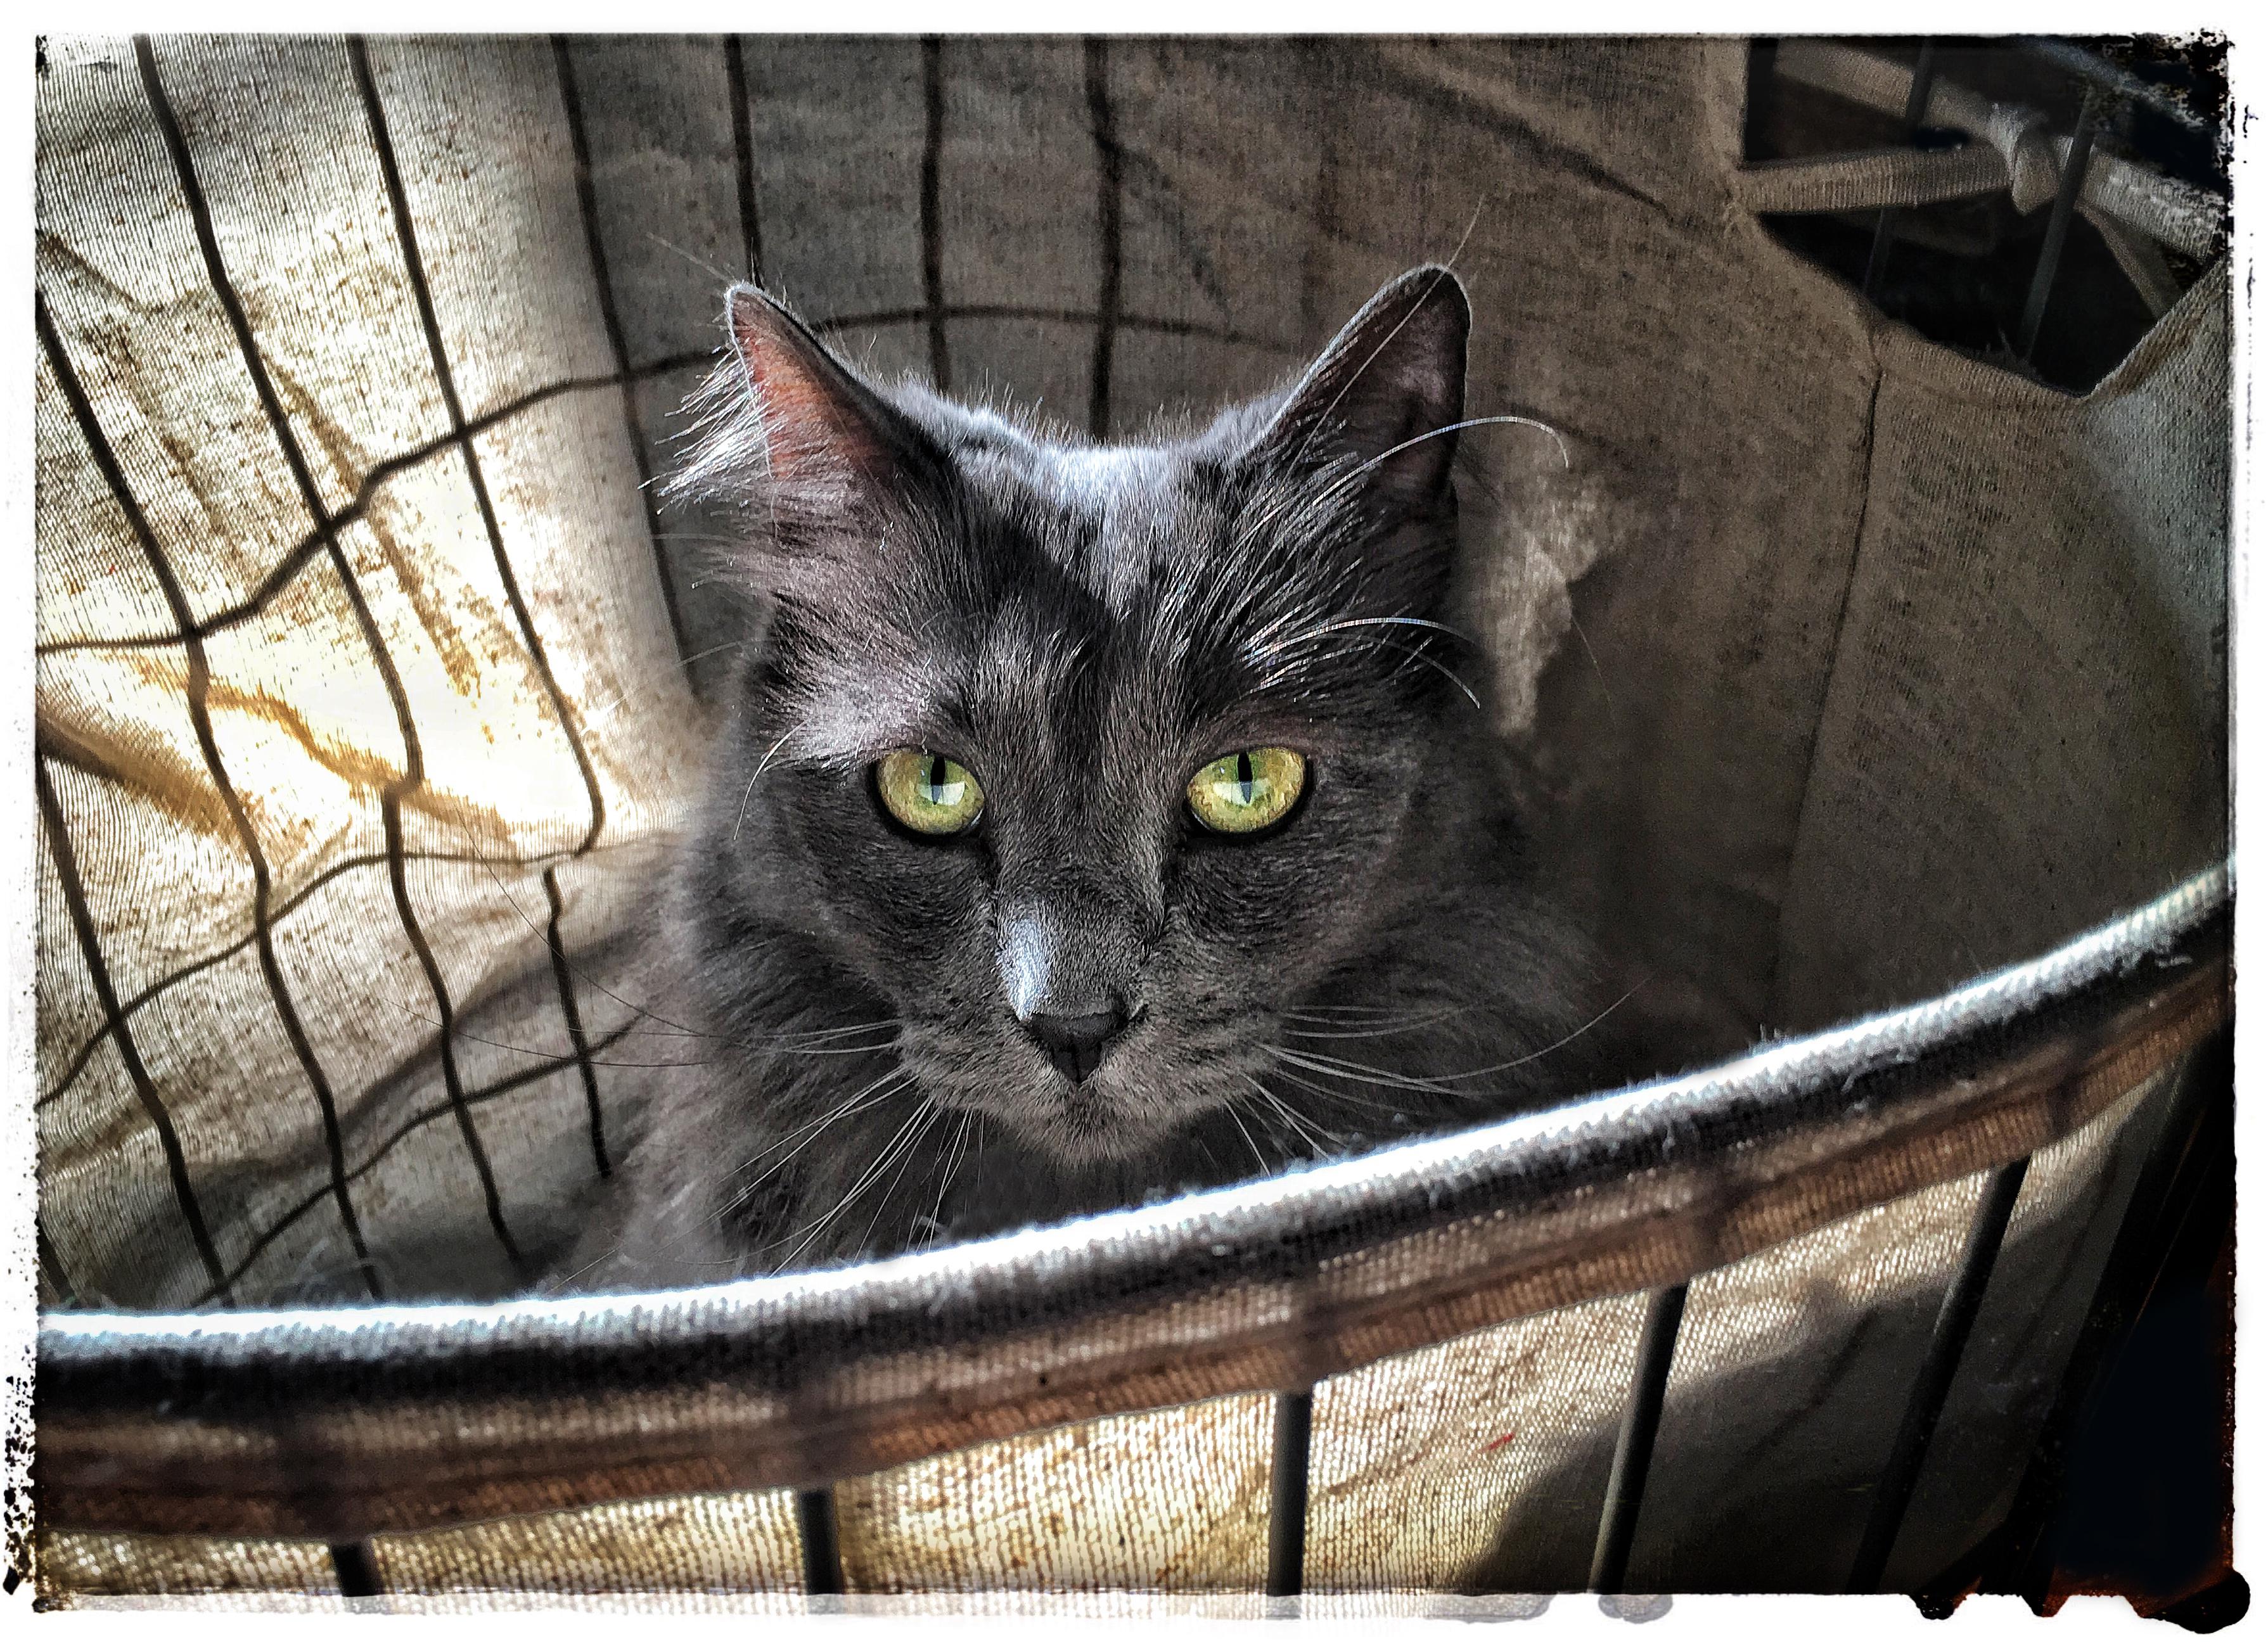 Lobo Closer up in basket